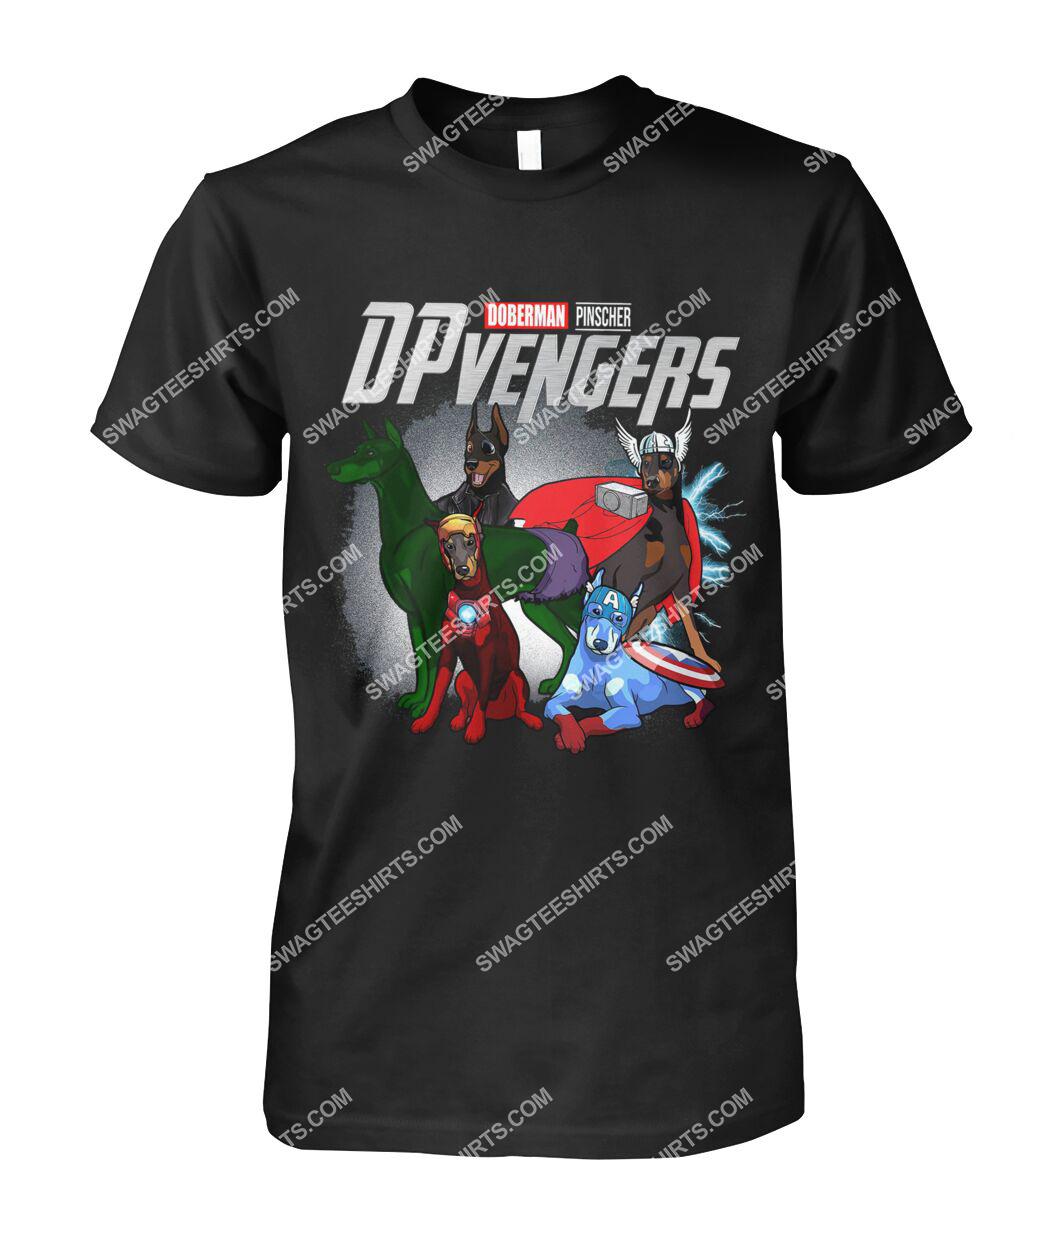 doberman pinscher dpvengers marvel avengers dogs lover tshirt 1